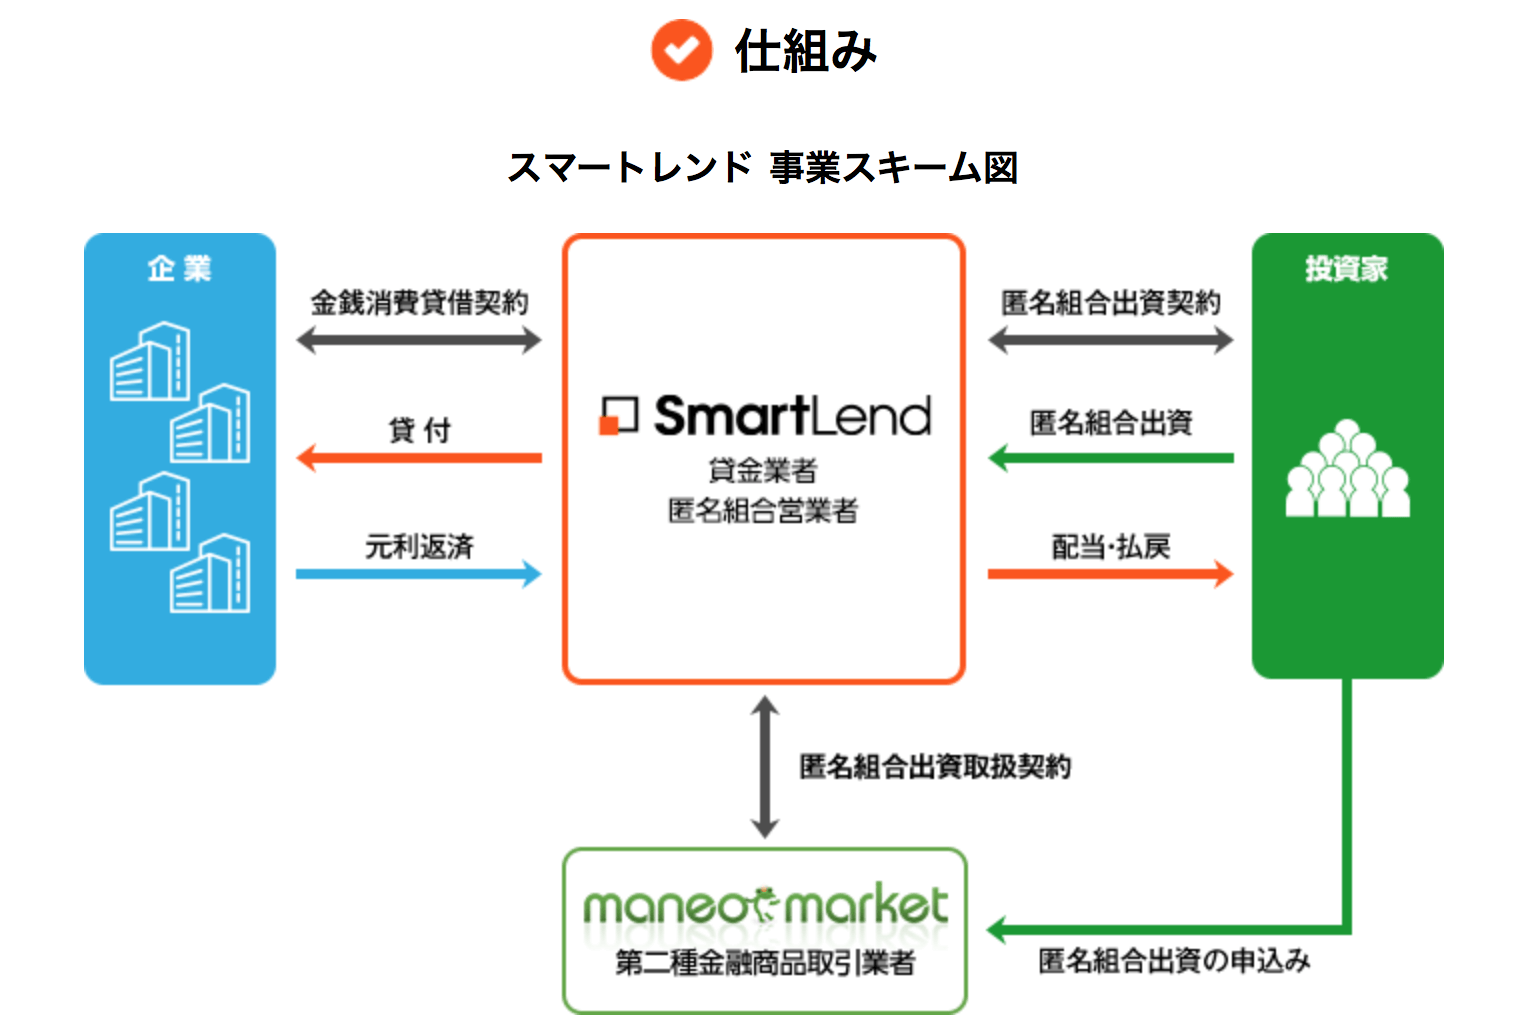 スマートレンド事業スキーム図